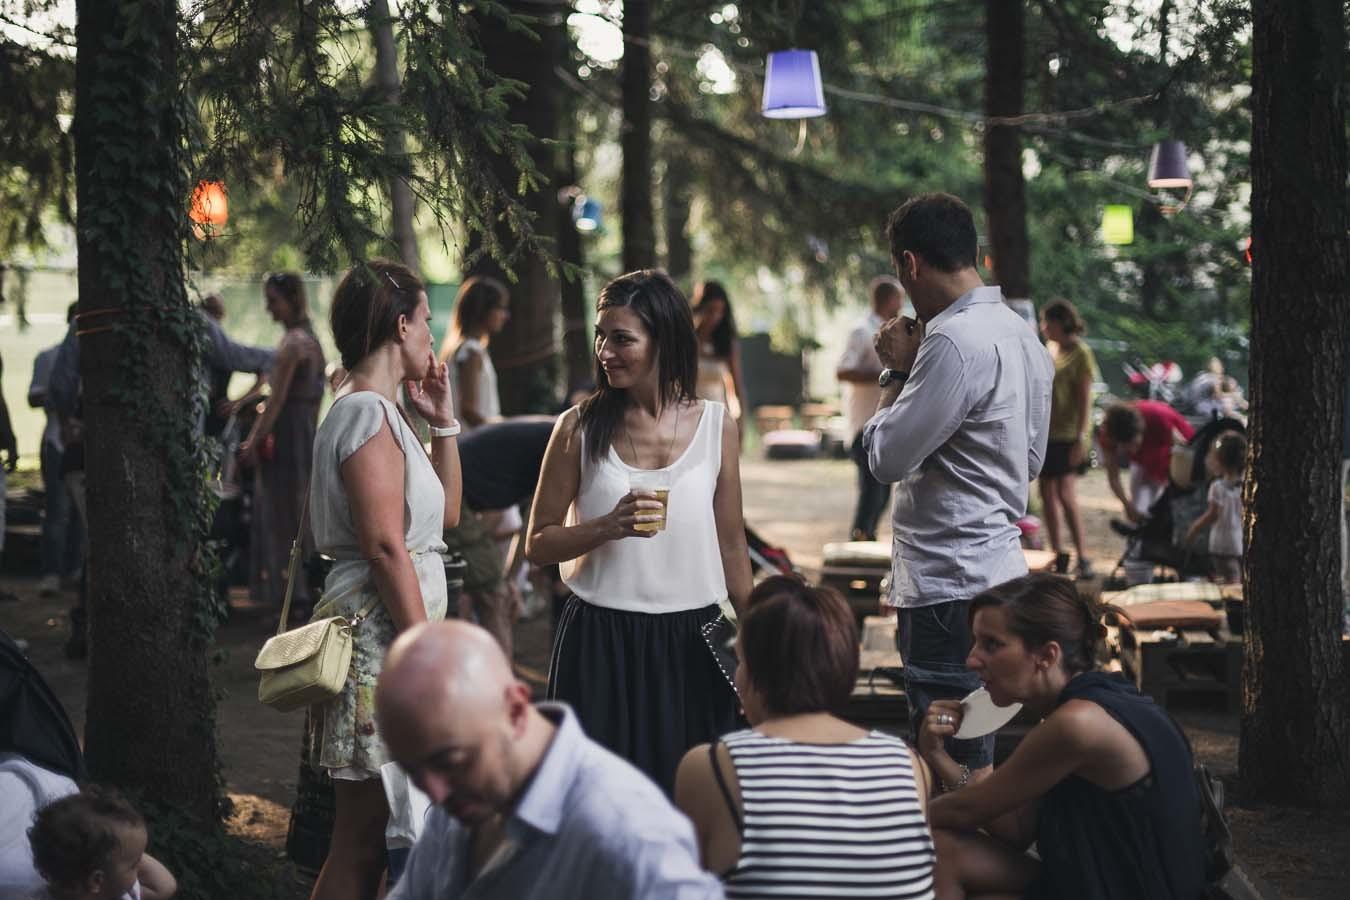 fotografo_eventi_concerti_festival_desio_tittoni_foto_marco_reggi_173